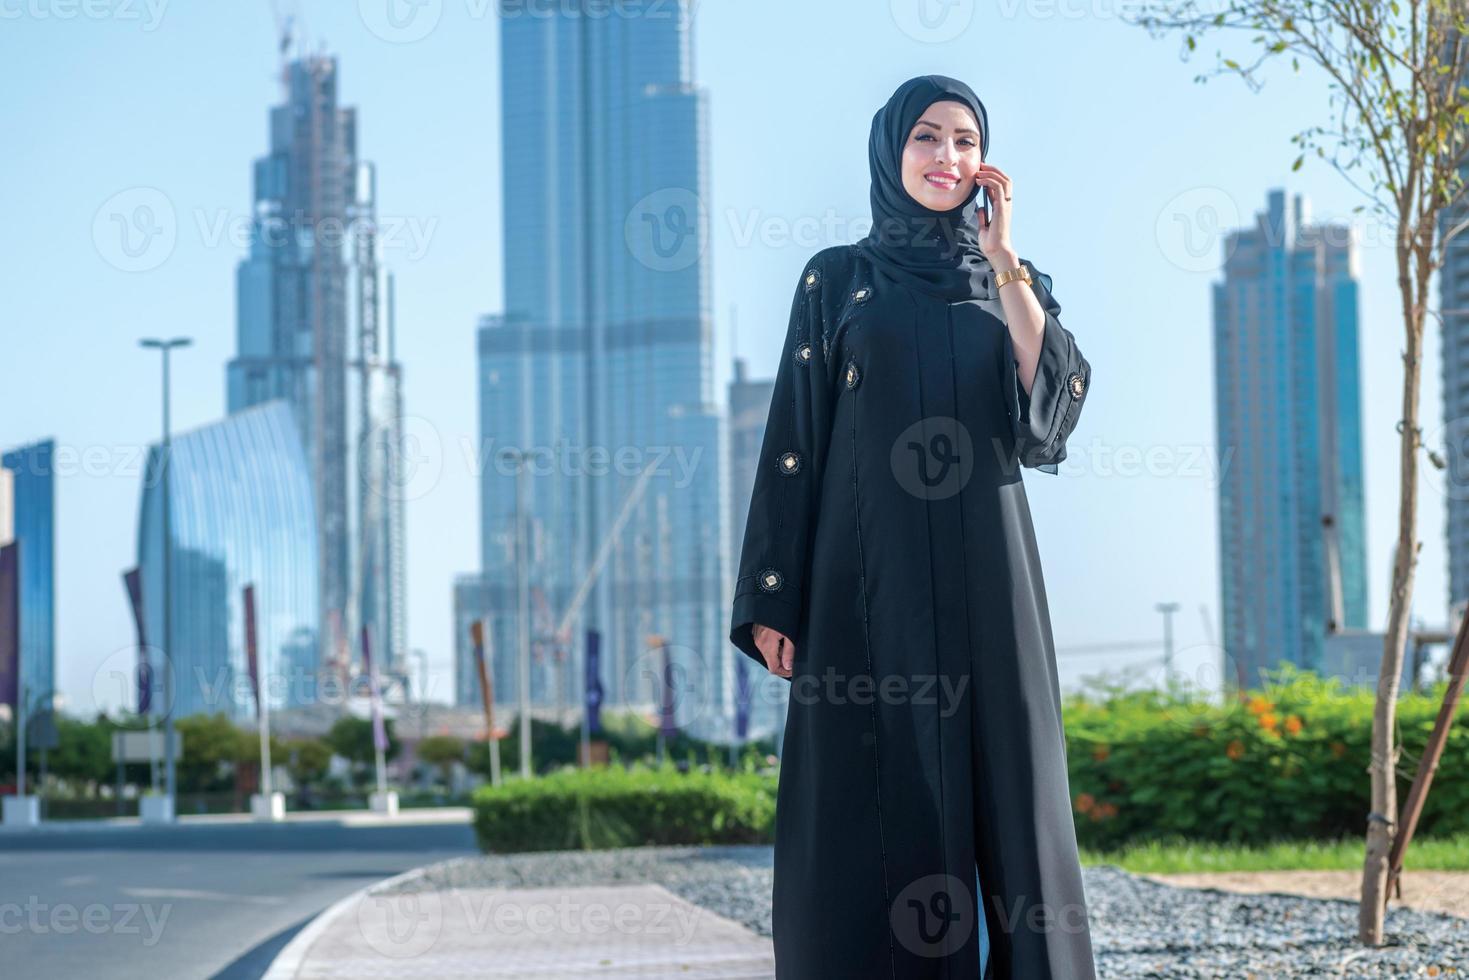 Frauen im Geschäft in Dubai. arabische Geschäftsfrauen im Hijab sprechen foto